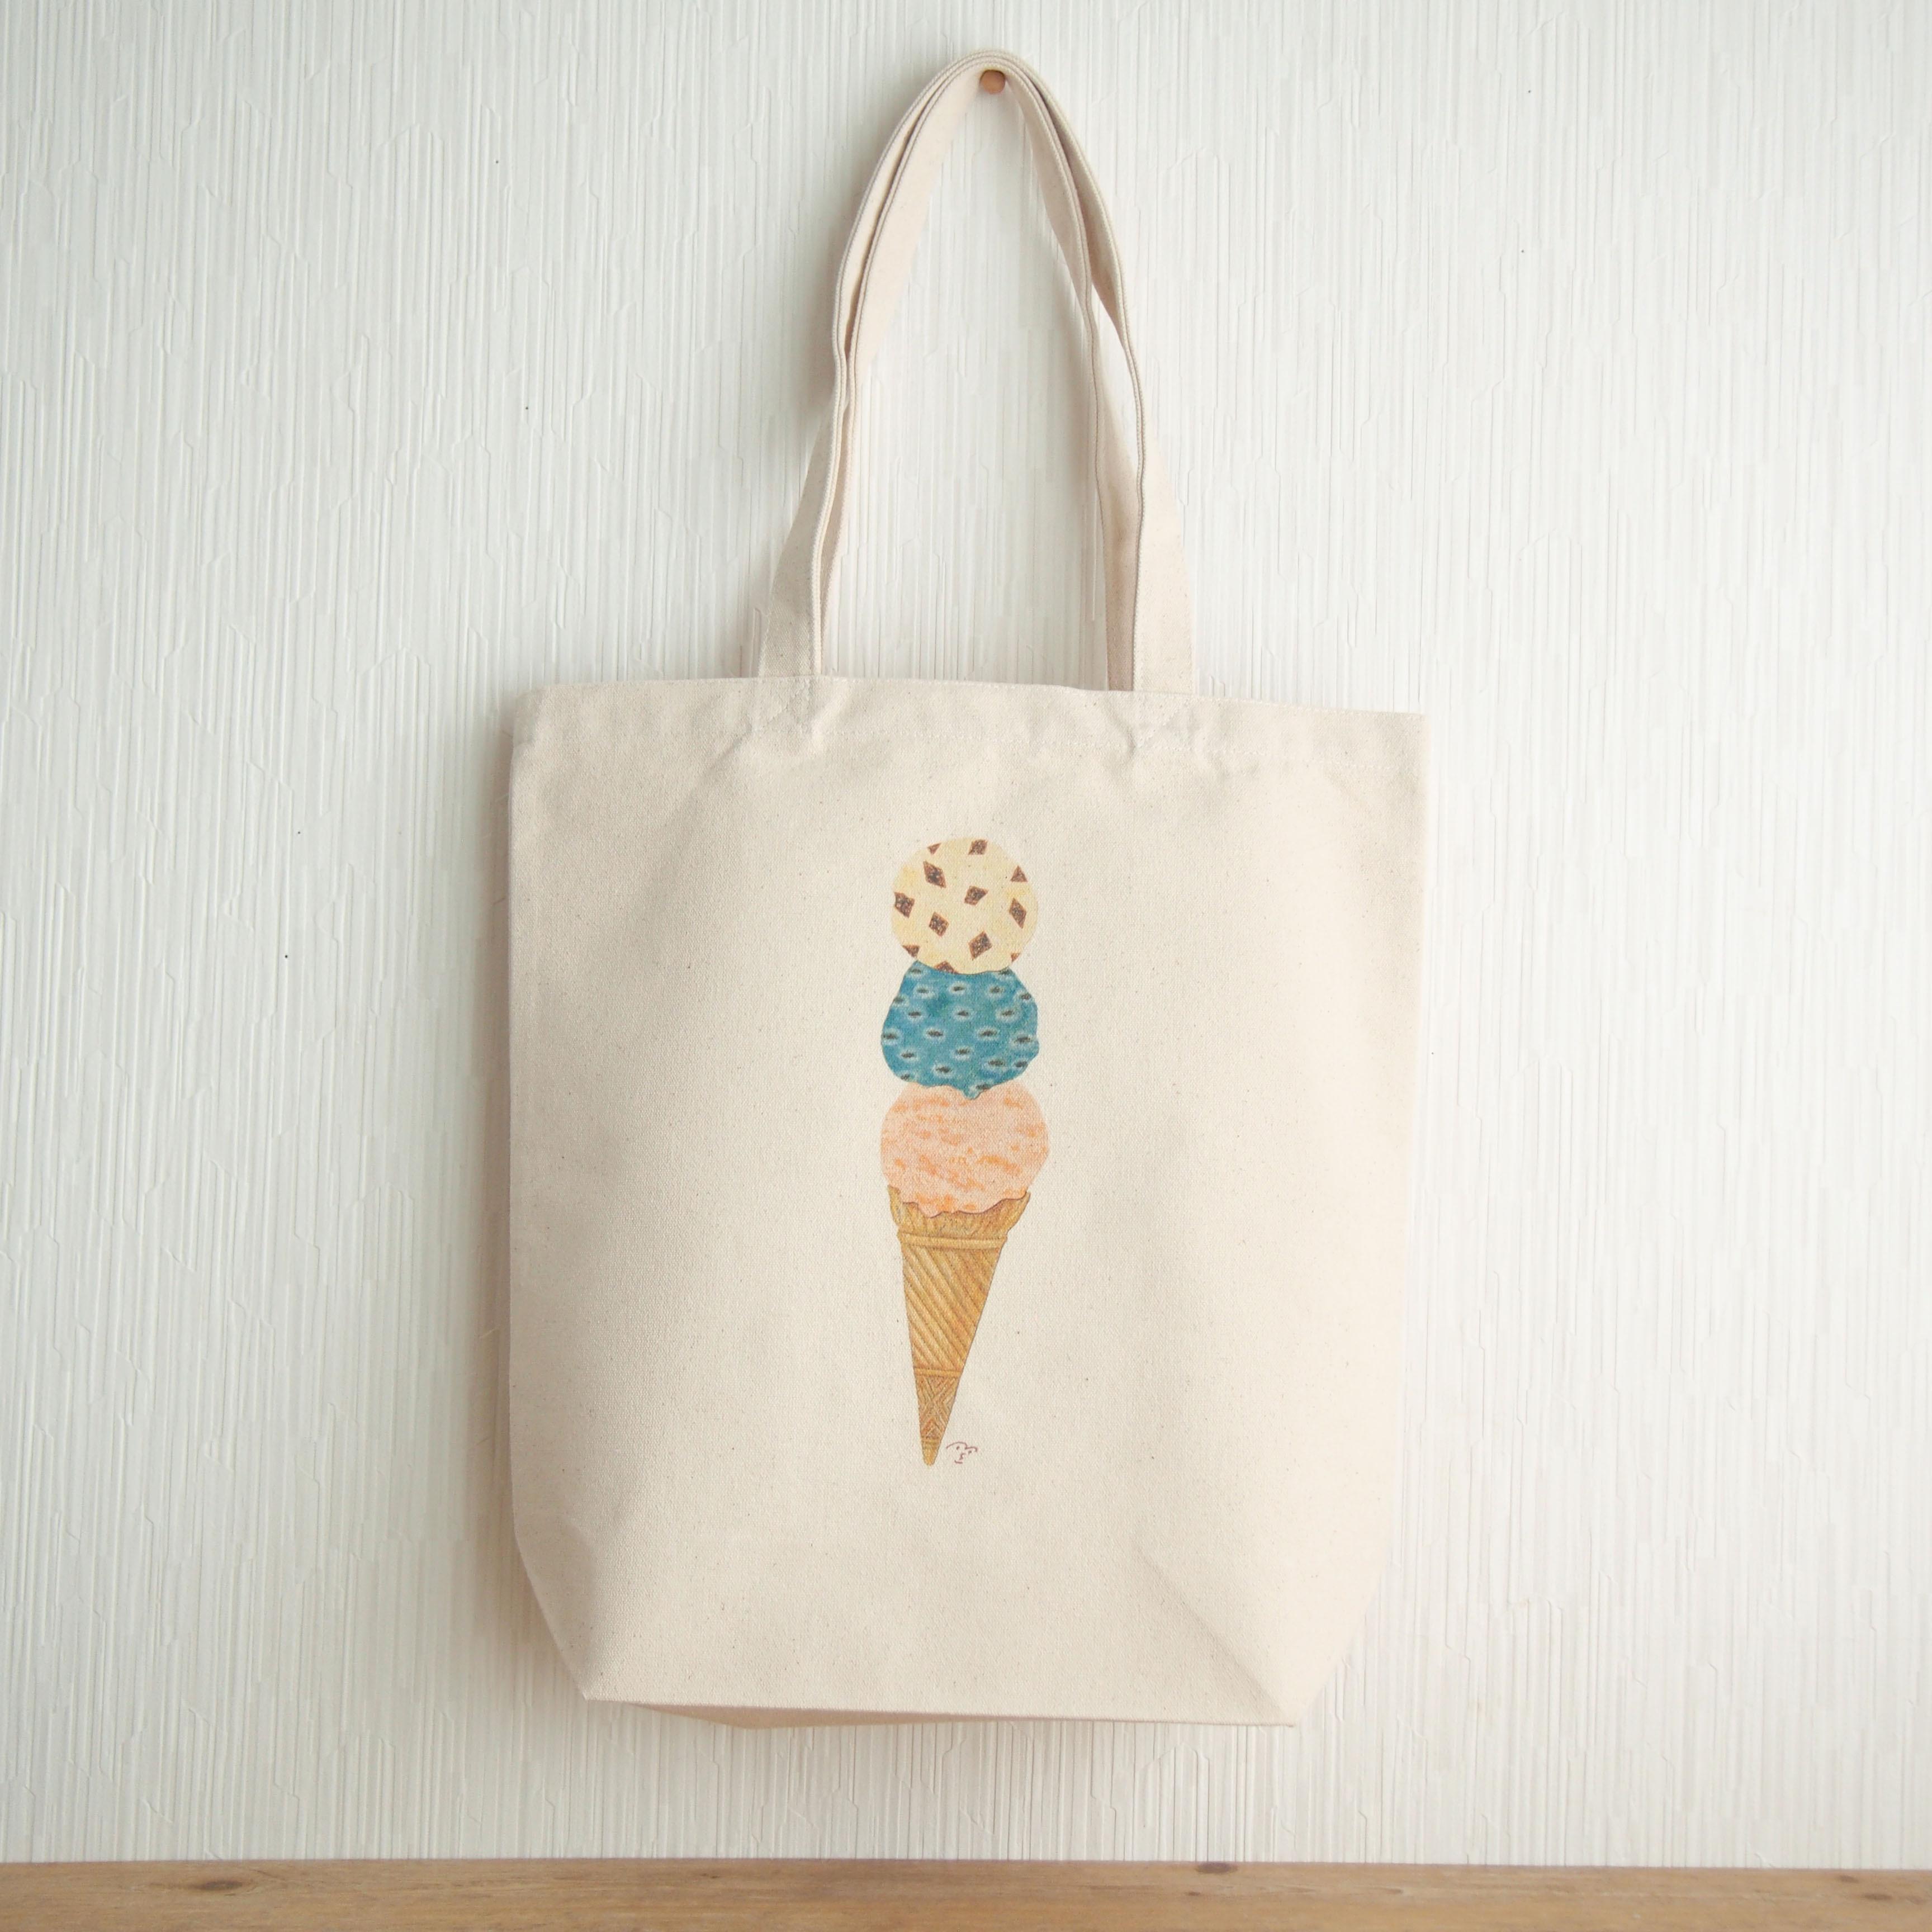 *アイスクリーム キャンバストートバッグ*